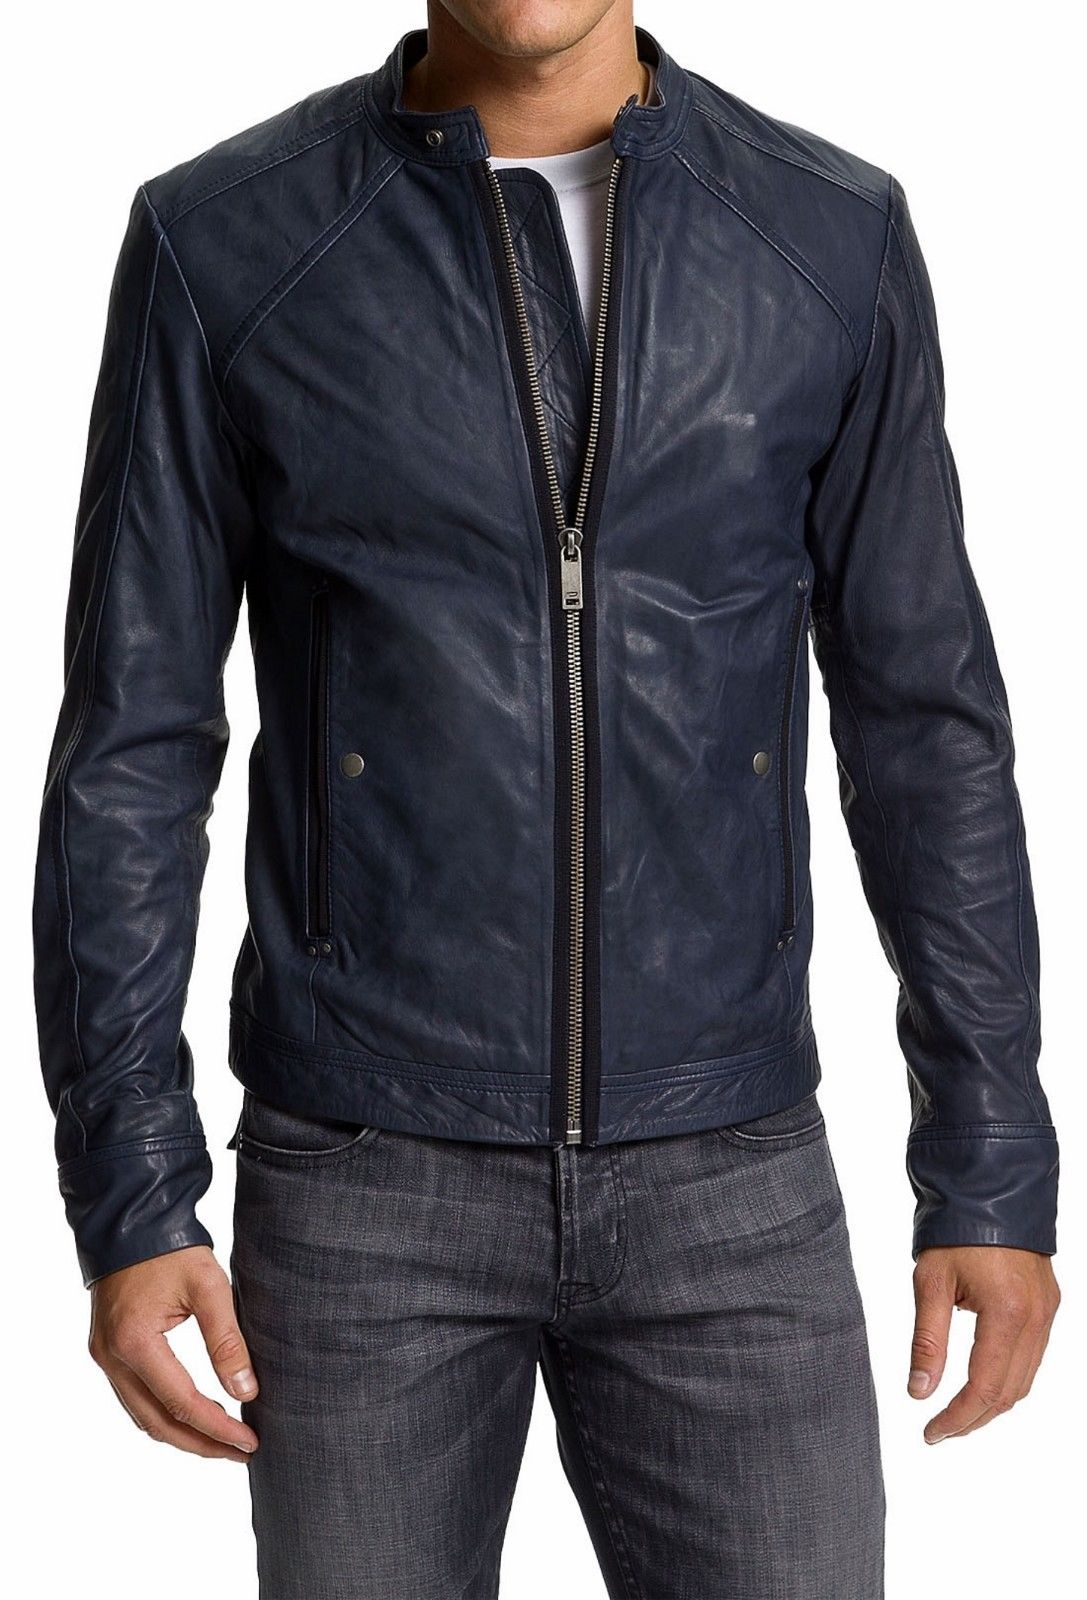 Men Navy blue biker jacket, Mens leather jacket, blue Leather ...